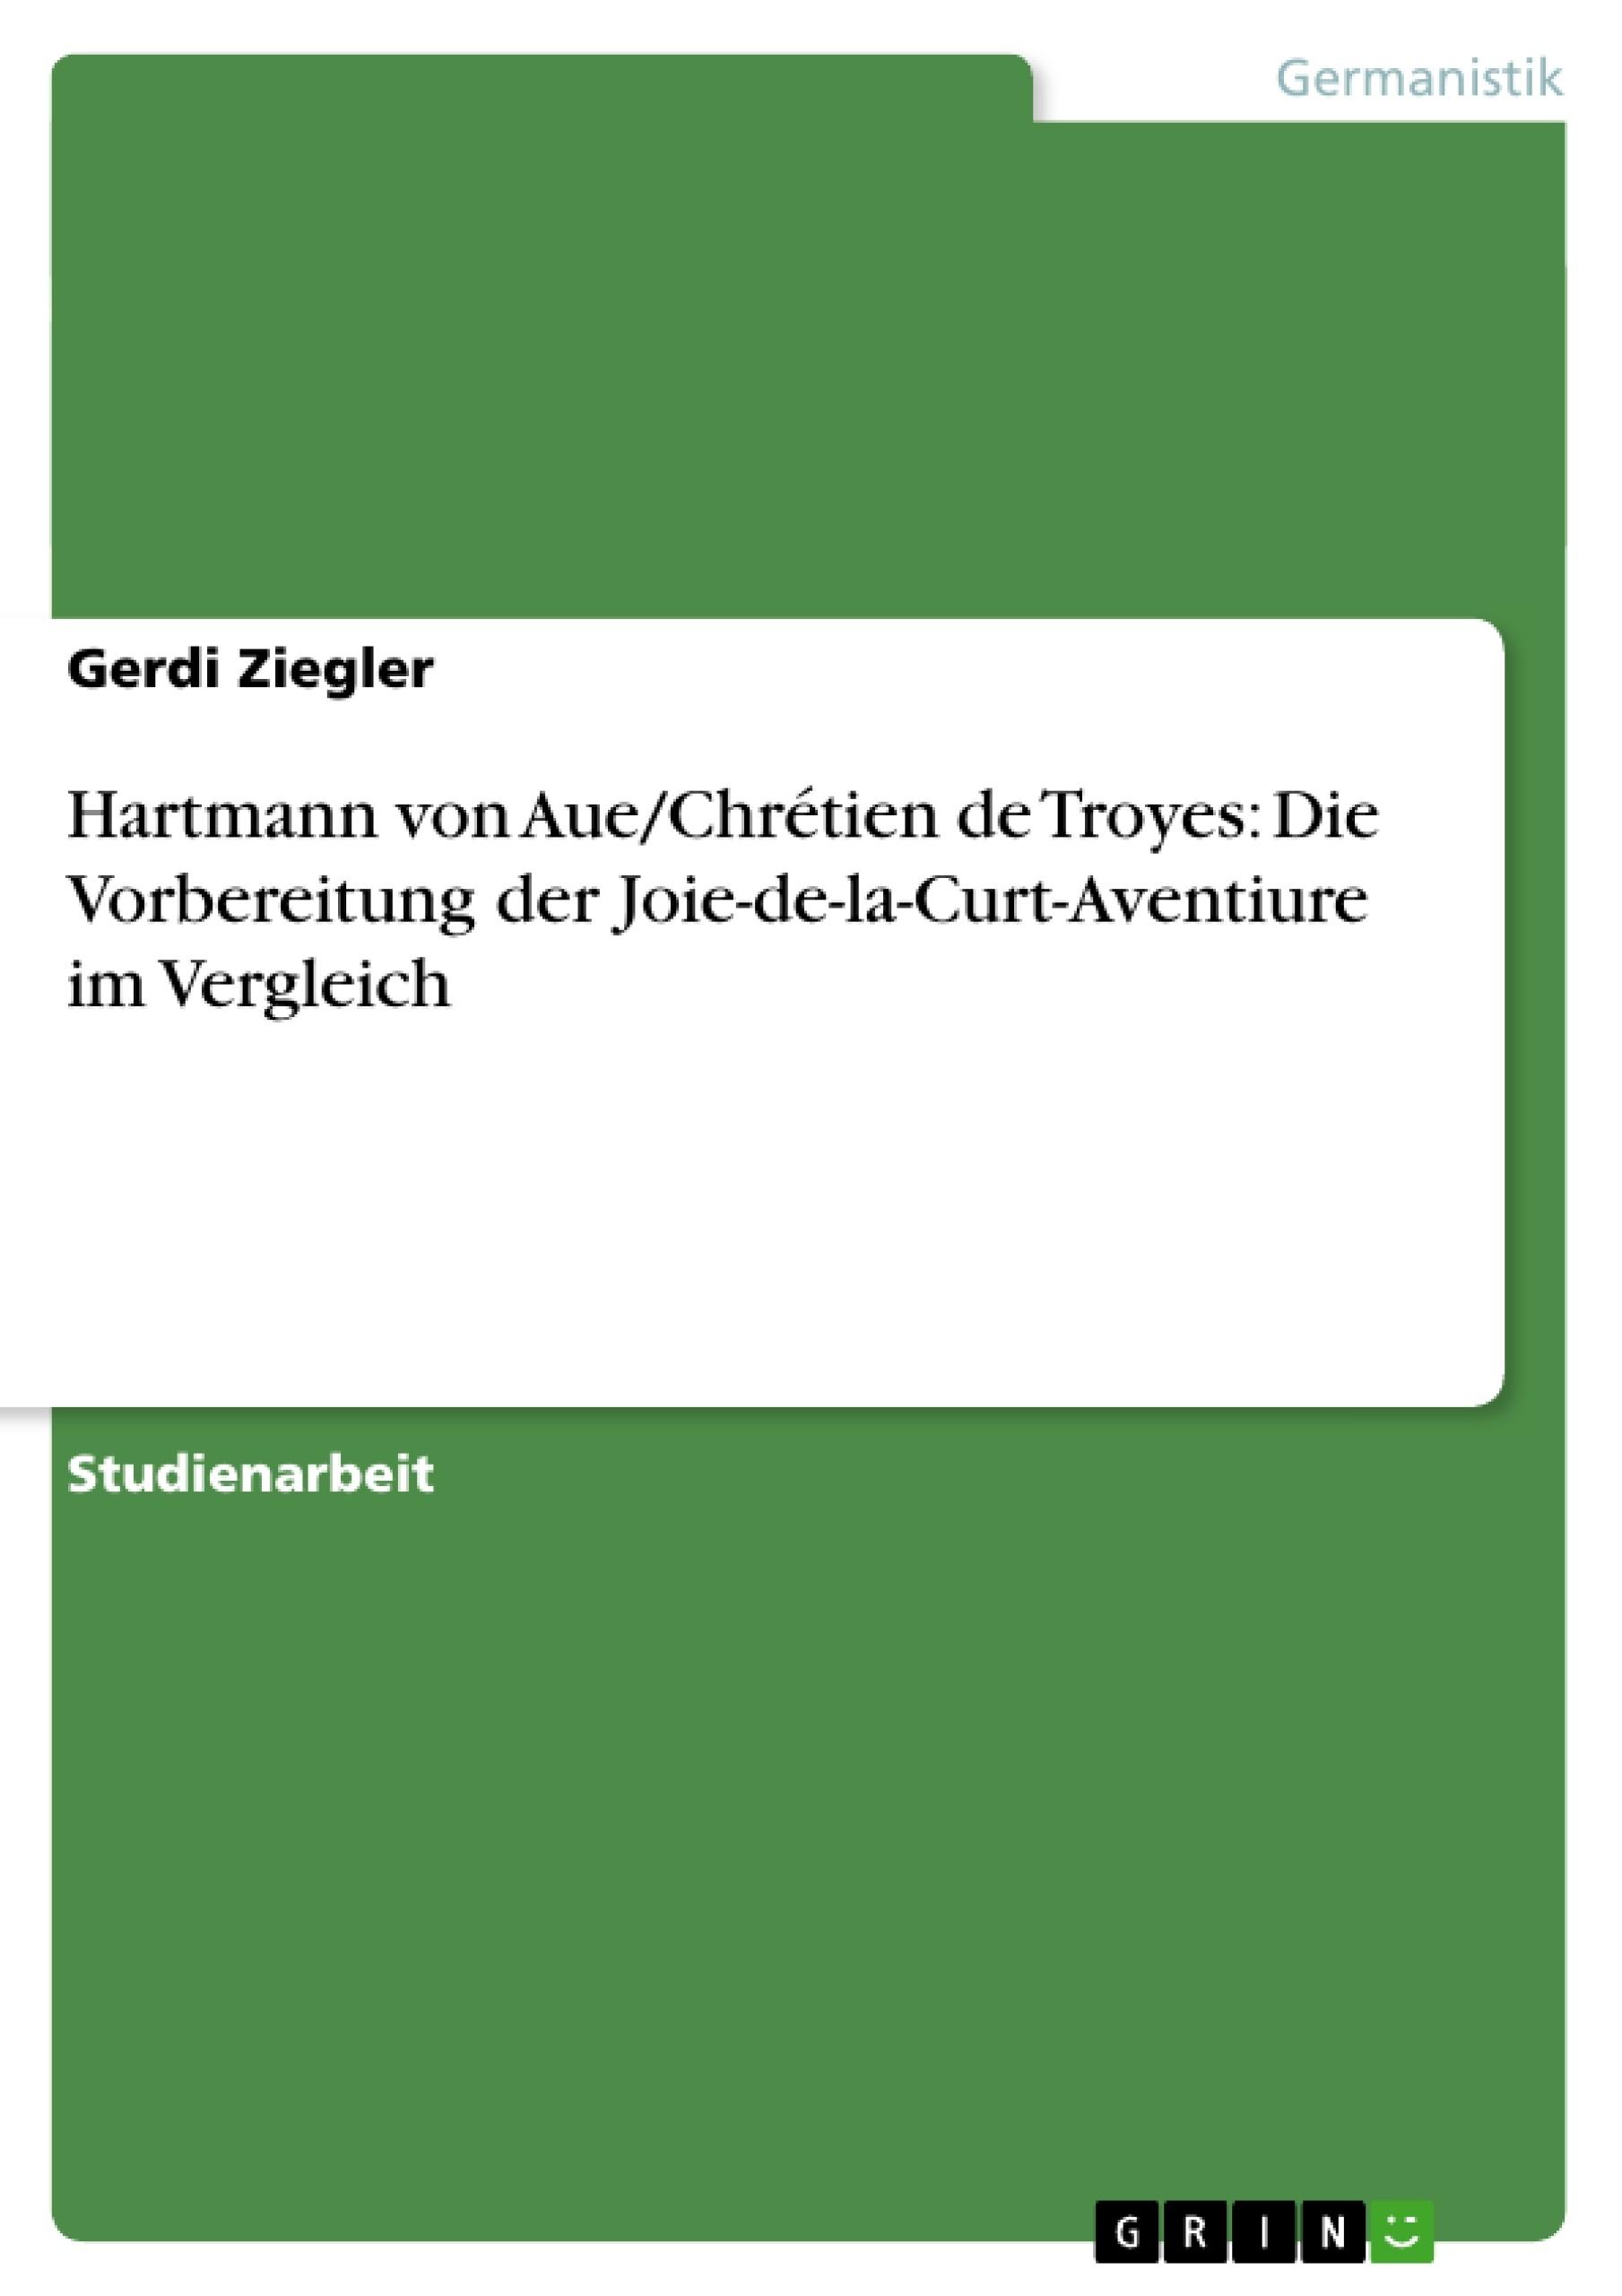 Titel: Hartmann von Aue/Chrétien de Troyes: Die Vorbereitung der  Joie-de-la-Curt-Aventiure  im Vergleich